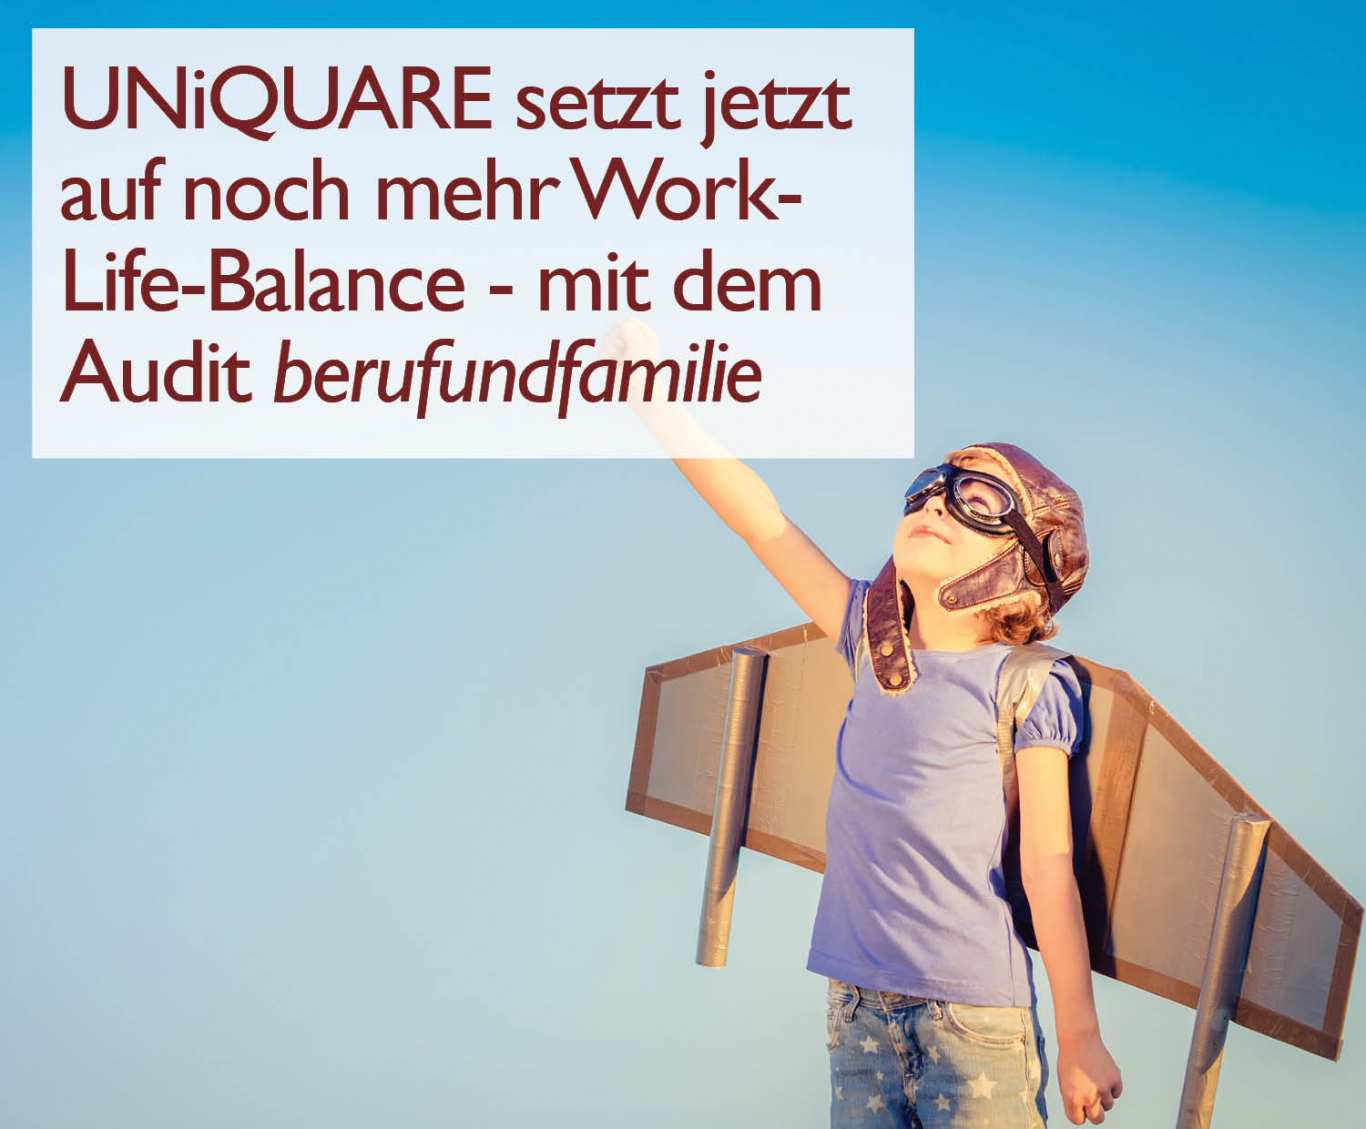 UNiQUARE lässt sich als familienfreundlicher Arbeitergeber zertifizieren